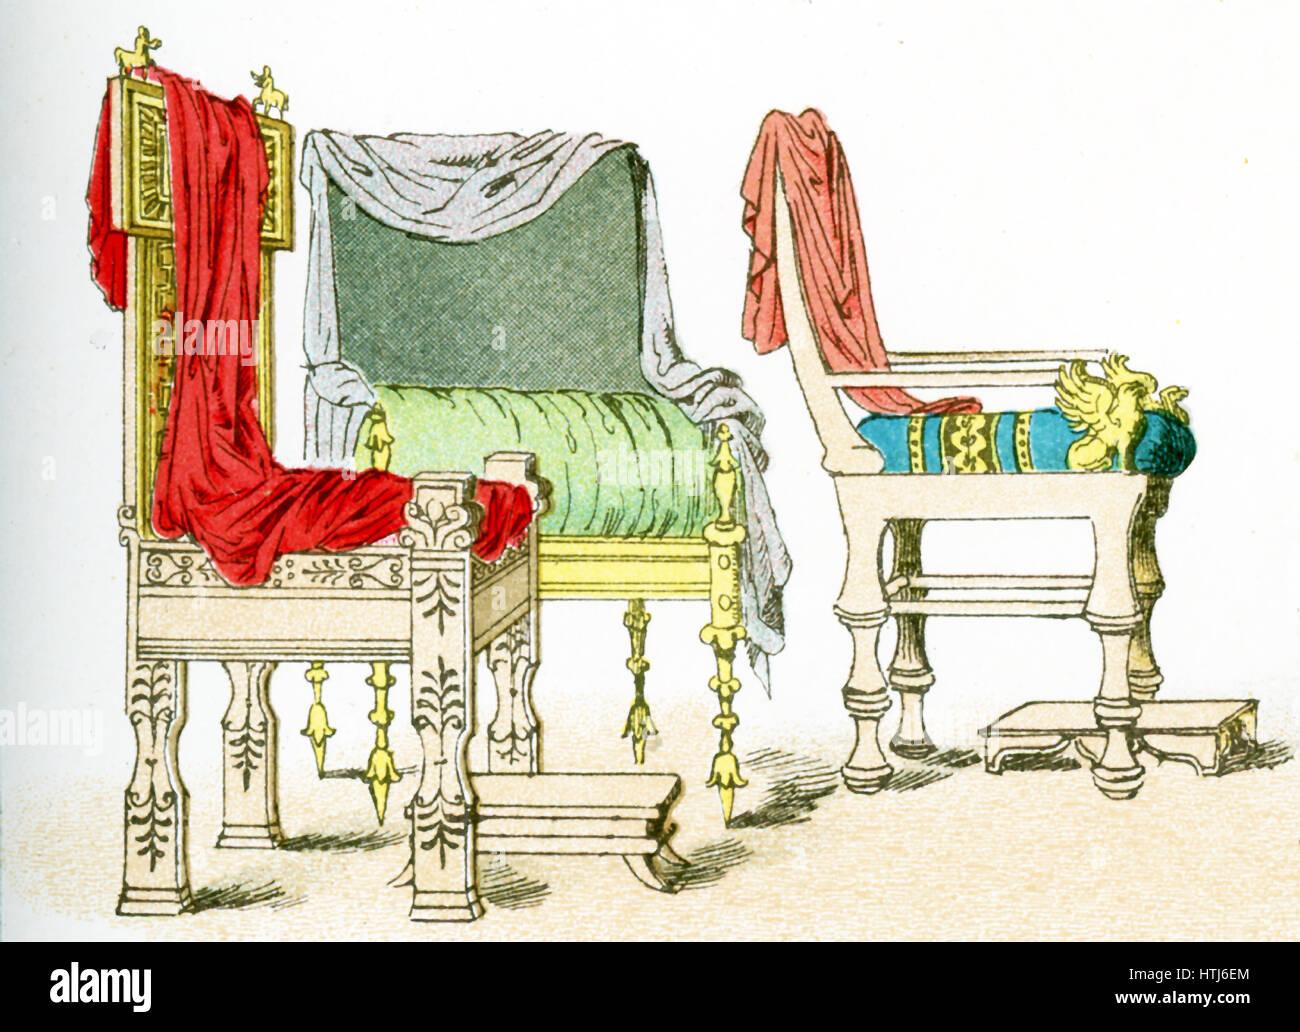 La figura mostra tre greco antico sedie.L'illustrazione risale al 1882. Immagini Stock